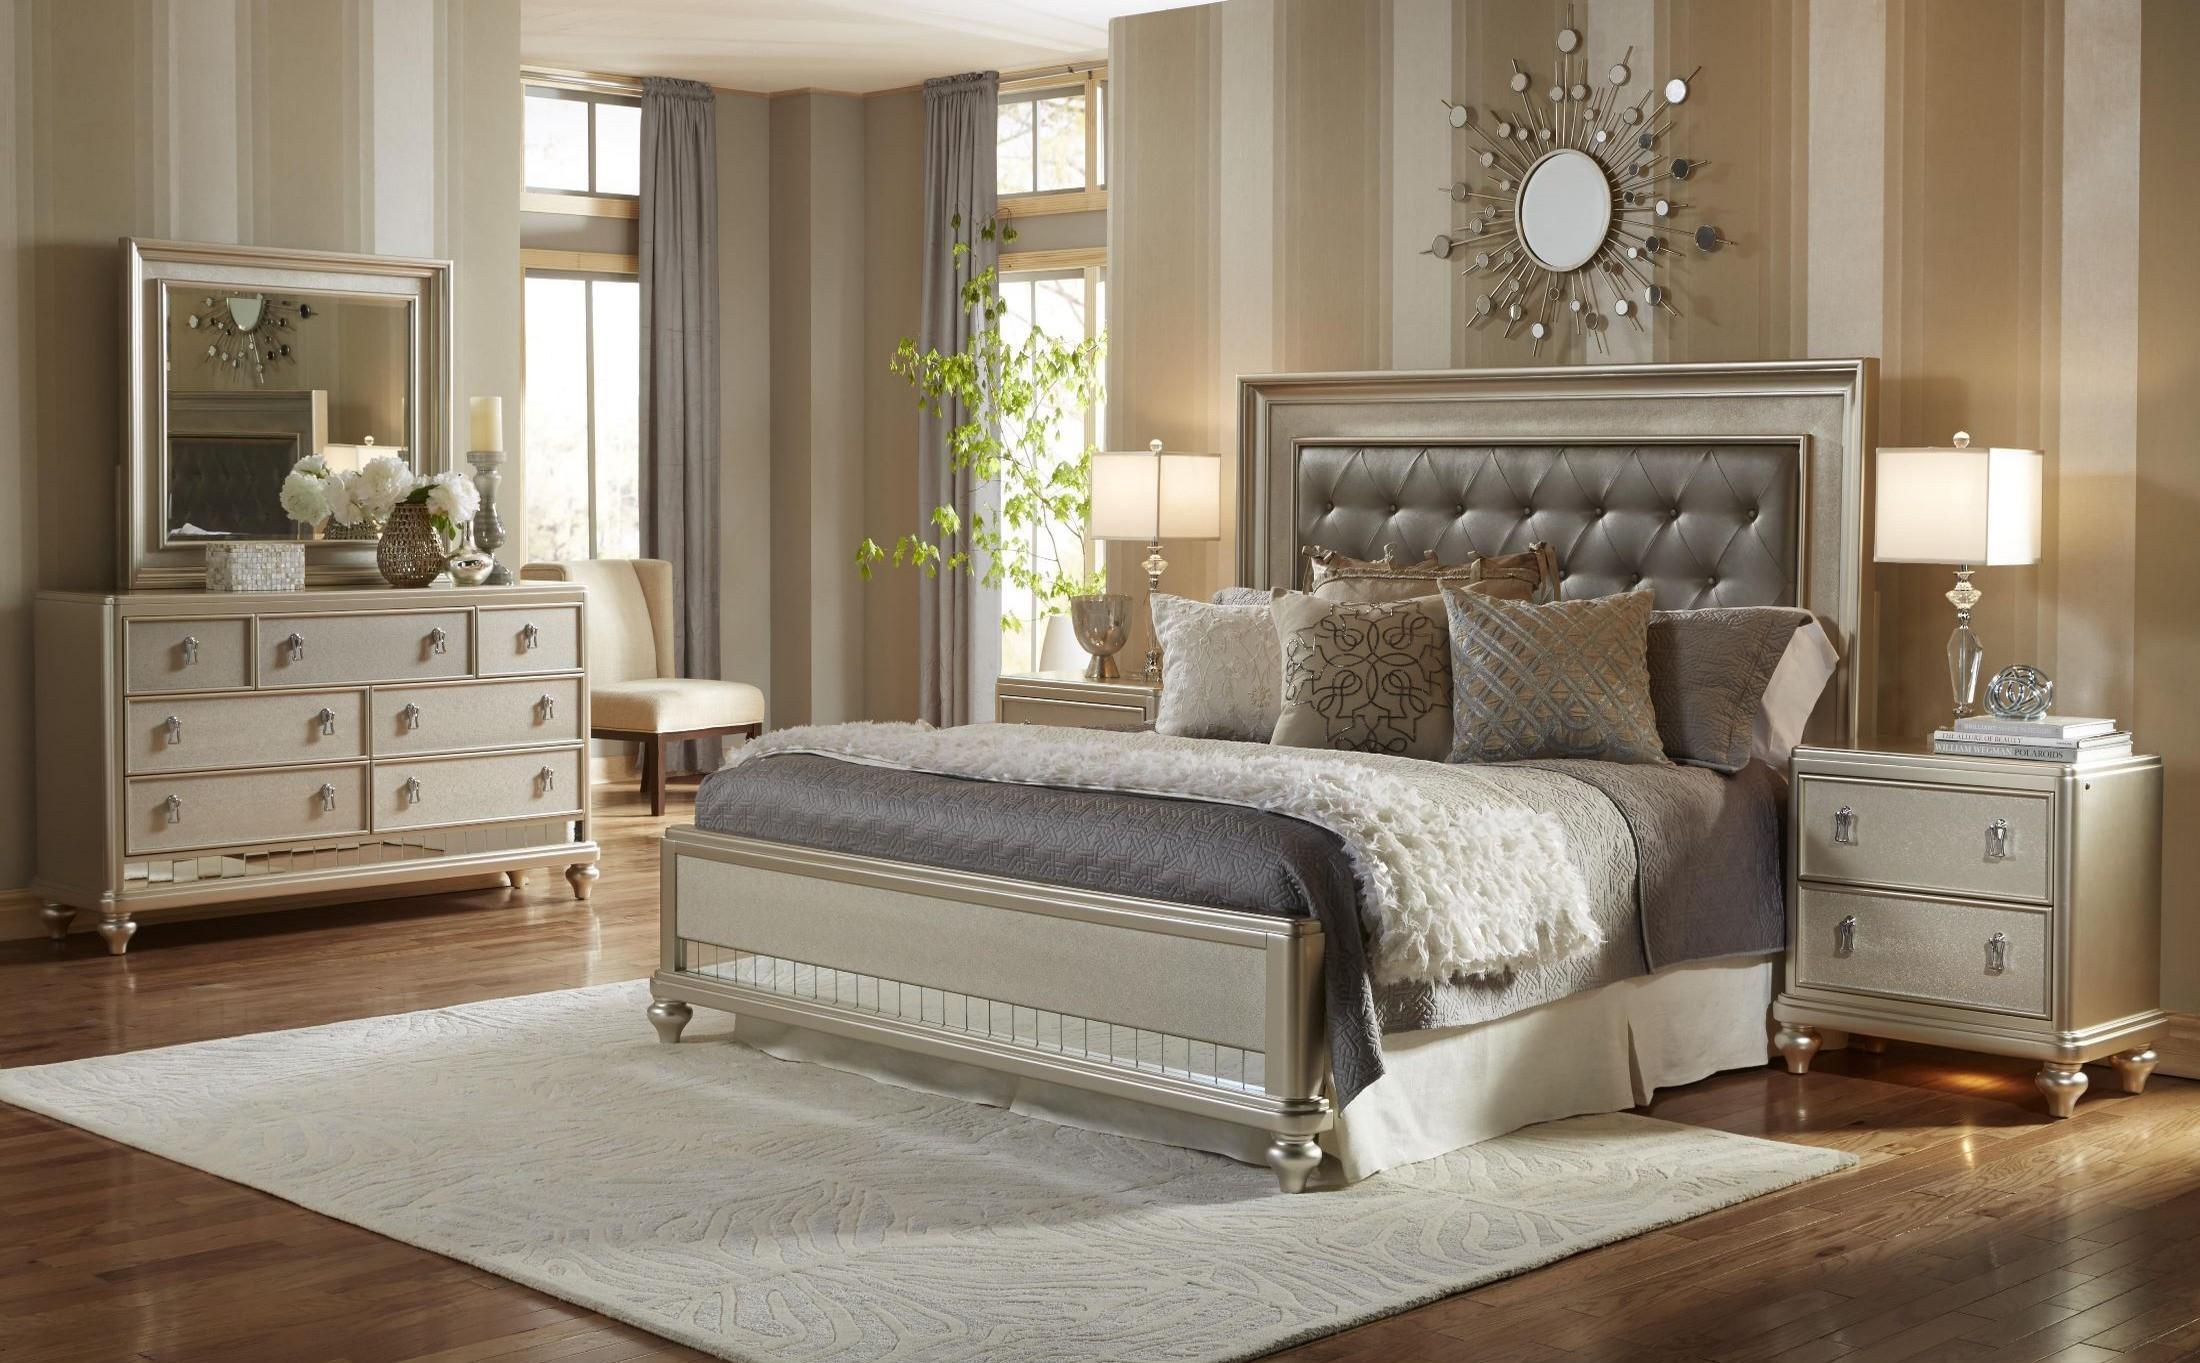 Diva Panel Bedroom Set from Samuel Lawrence 8808255257400  Coleman Furniture